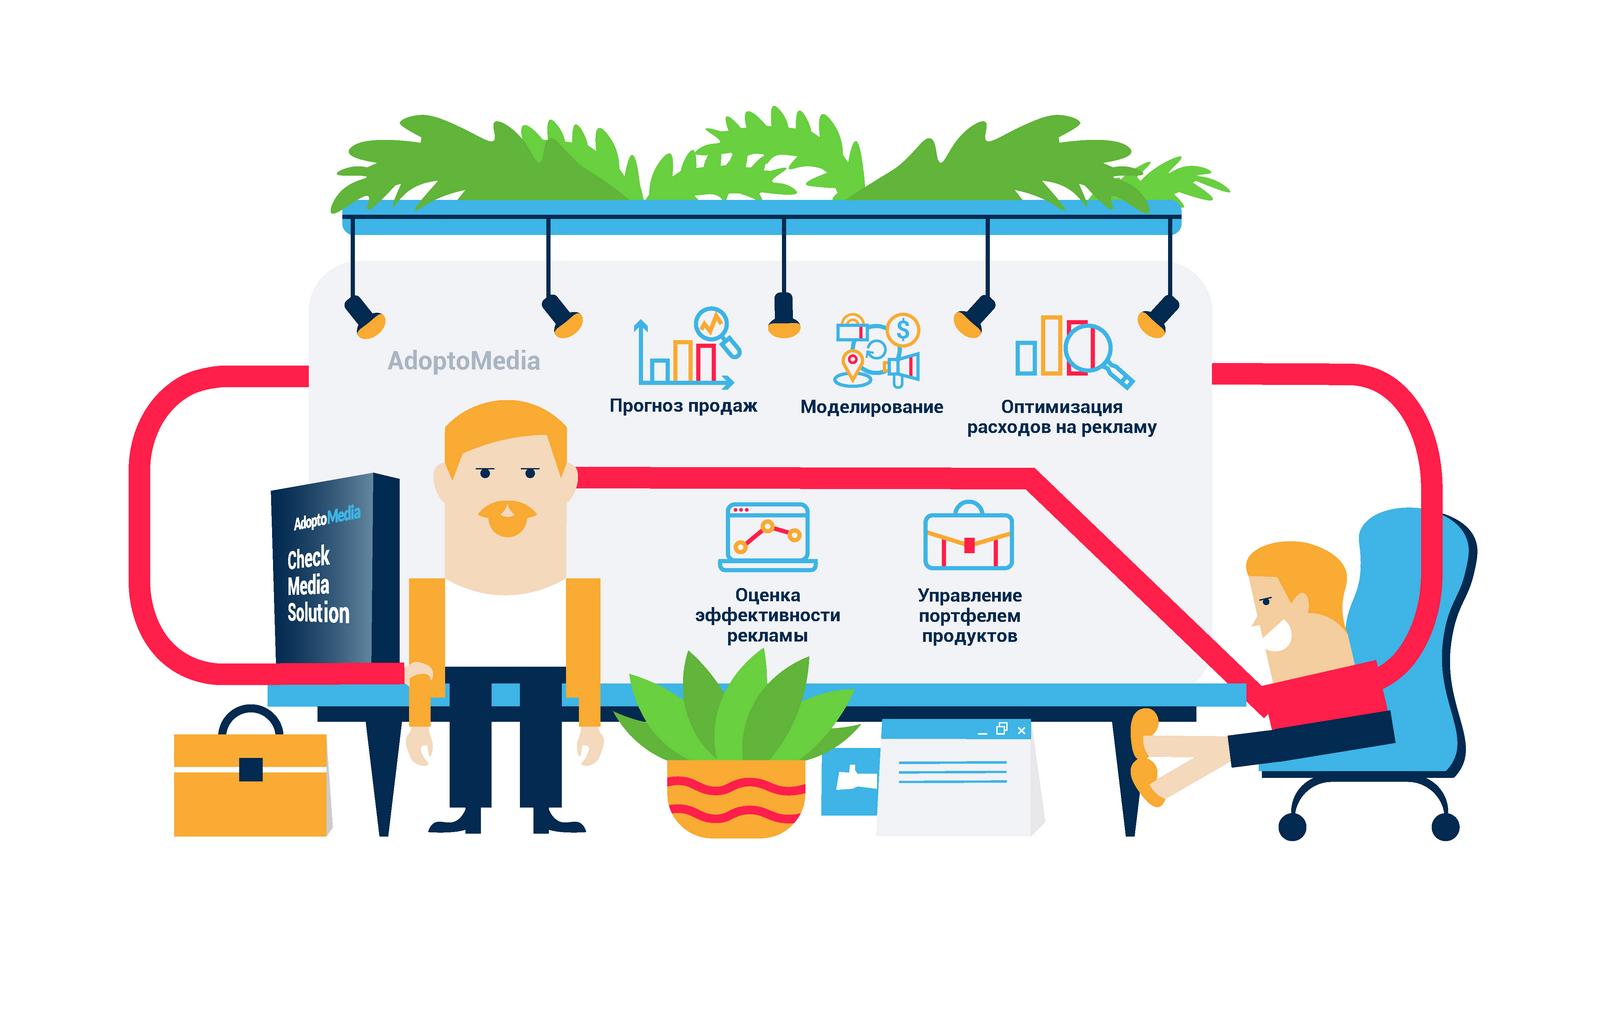 Моделирование Маркетингового микса, маркетинговые технологии, оптимизация ROMI, увеличение ROMI, оптимизация маркетингового бюджета, эффективная маркетинговая стратегия, CheckMedia Solution, AdoptoMedia, прогноз продаж, оценка эффективности рекламы